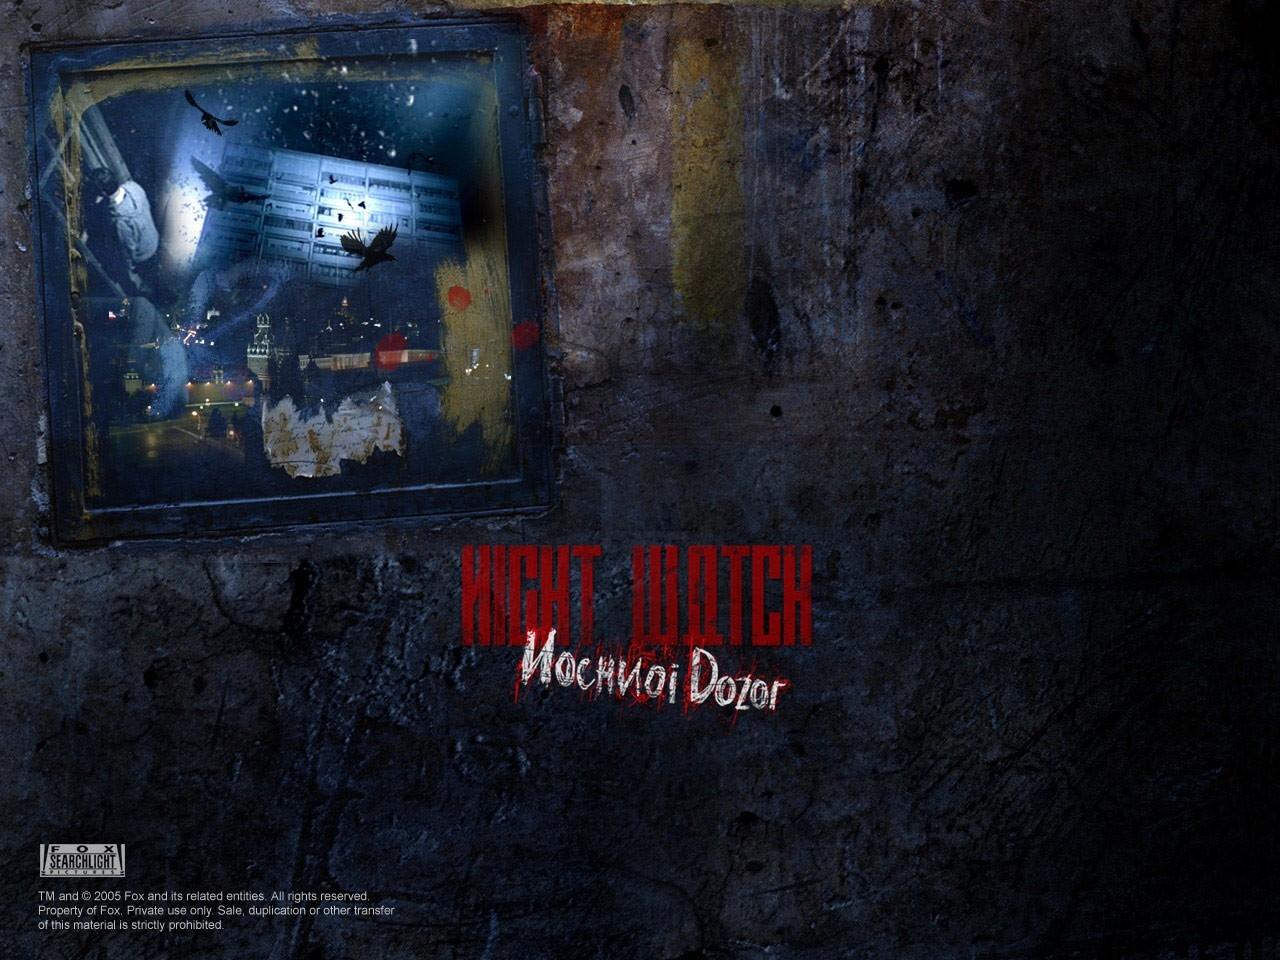 Wallpaper del film I guardiani della notte (Nochnoj dozor, 2004)